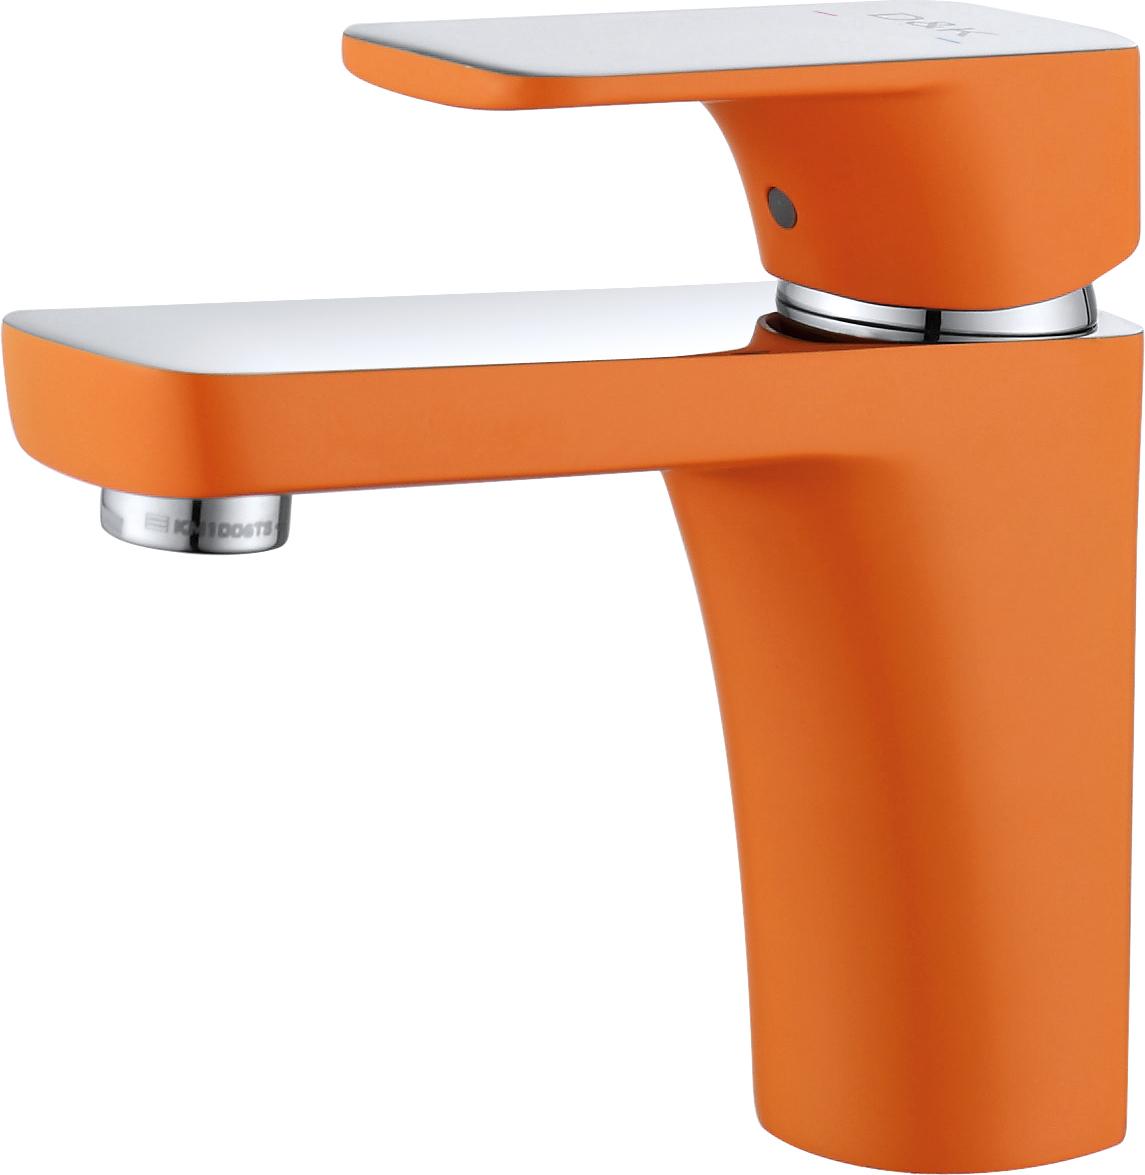 Смеситель для раковины D&K Berlin.Kunste DA1432113 оранжевый-хром